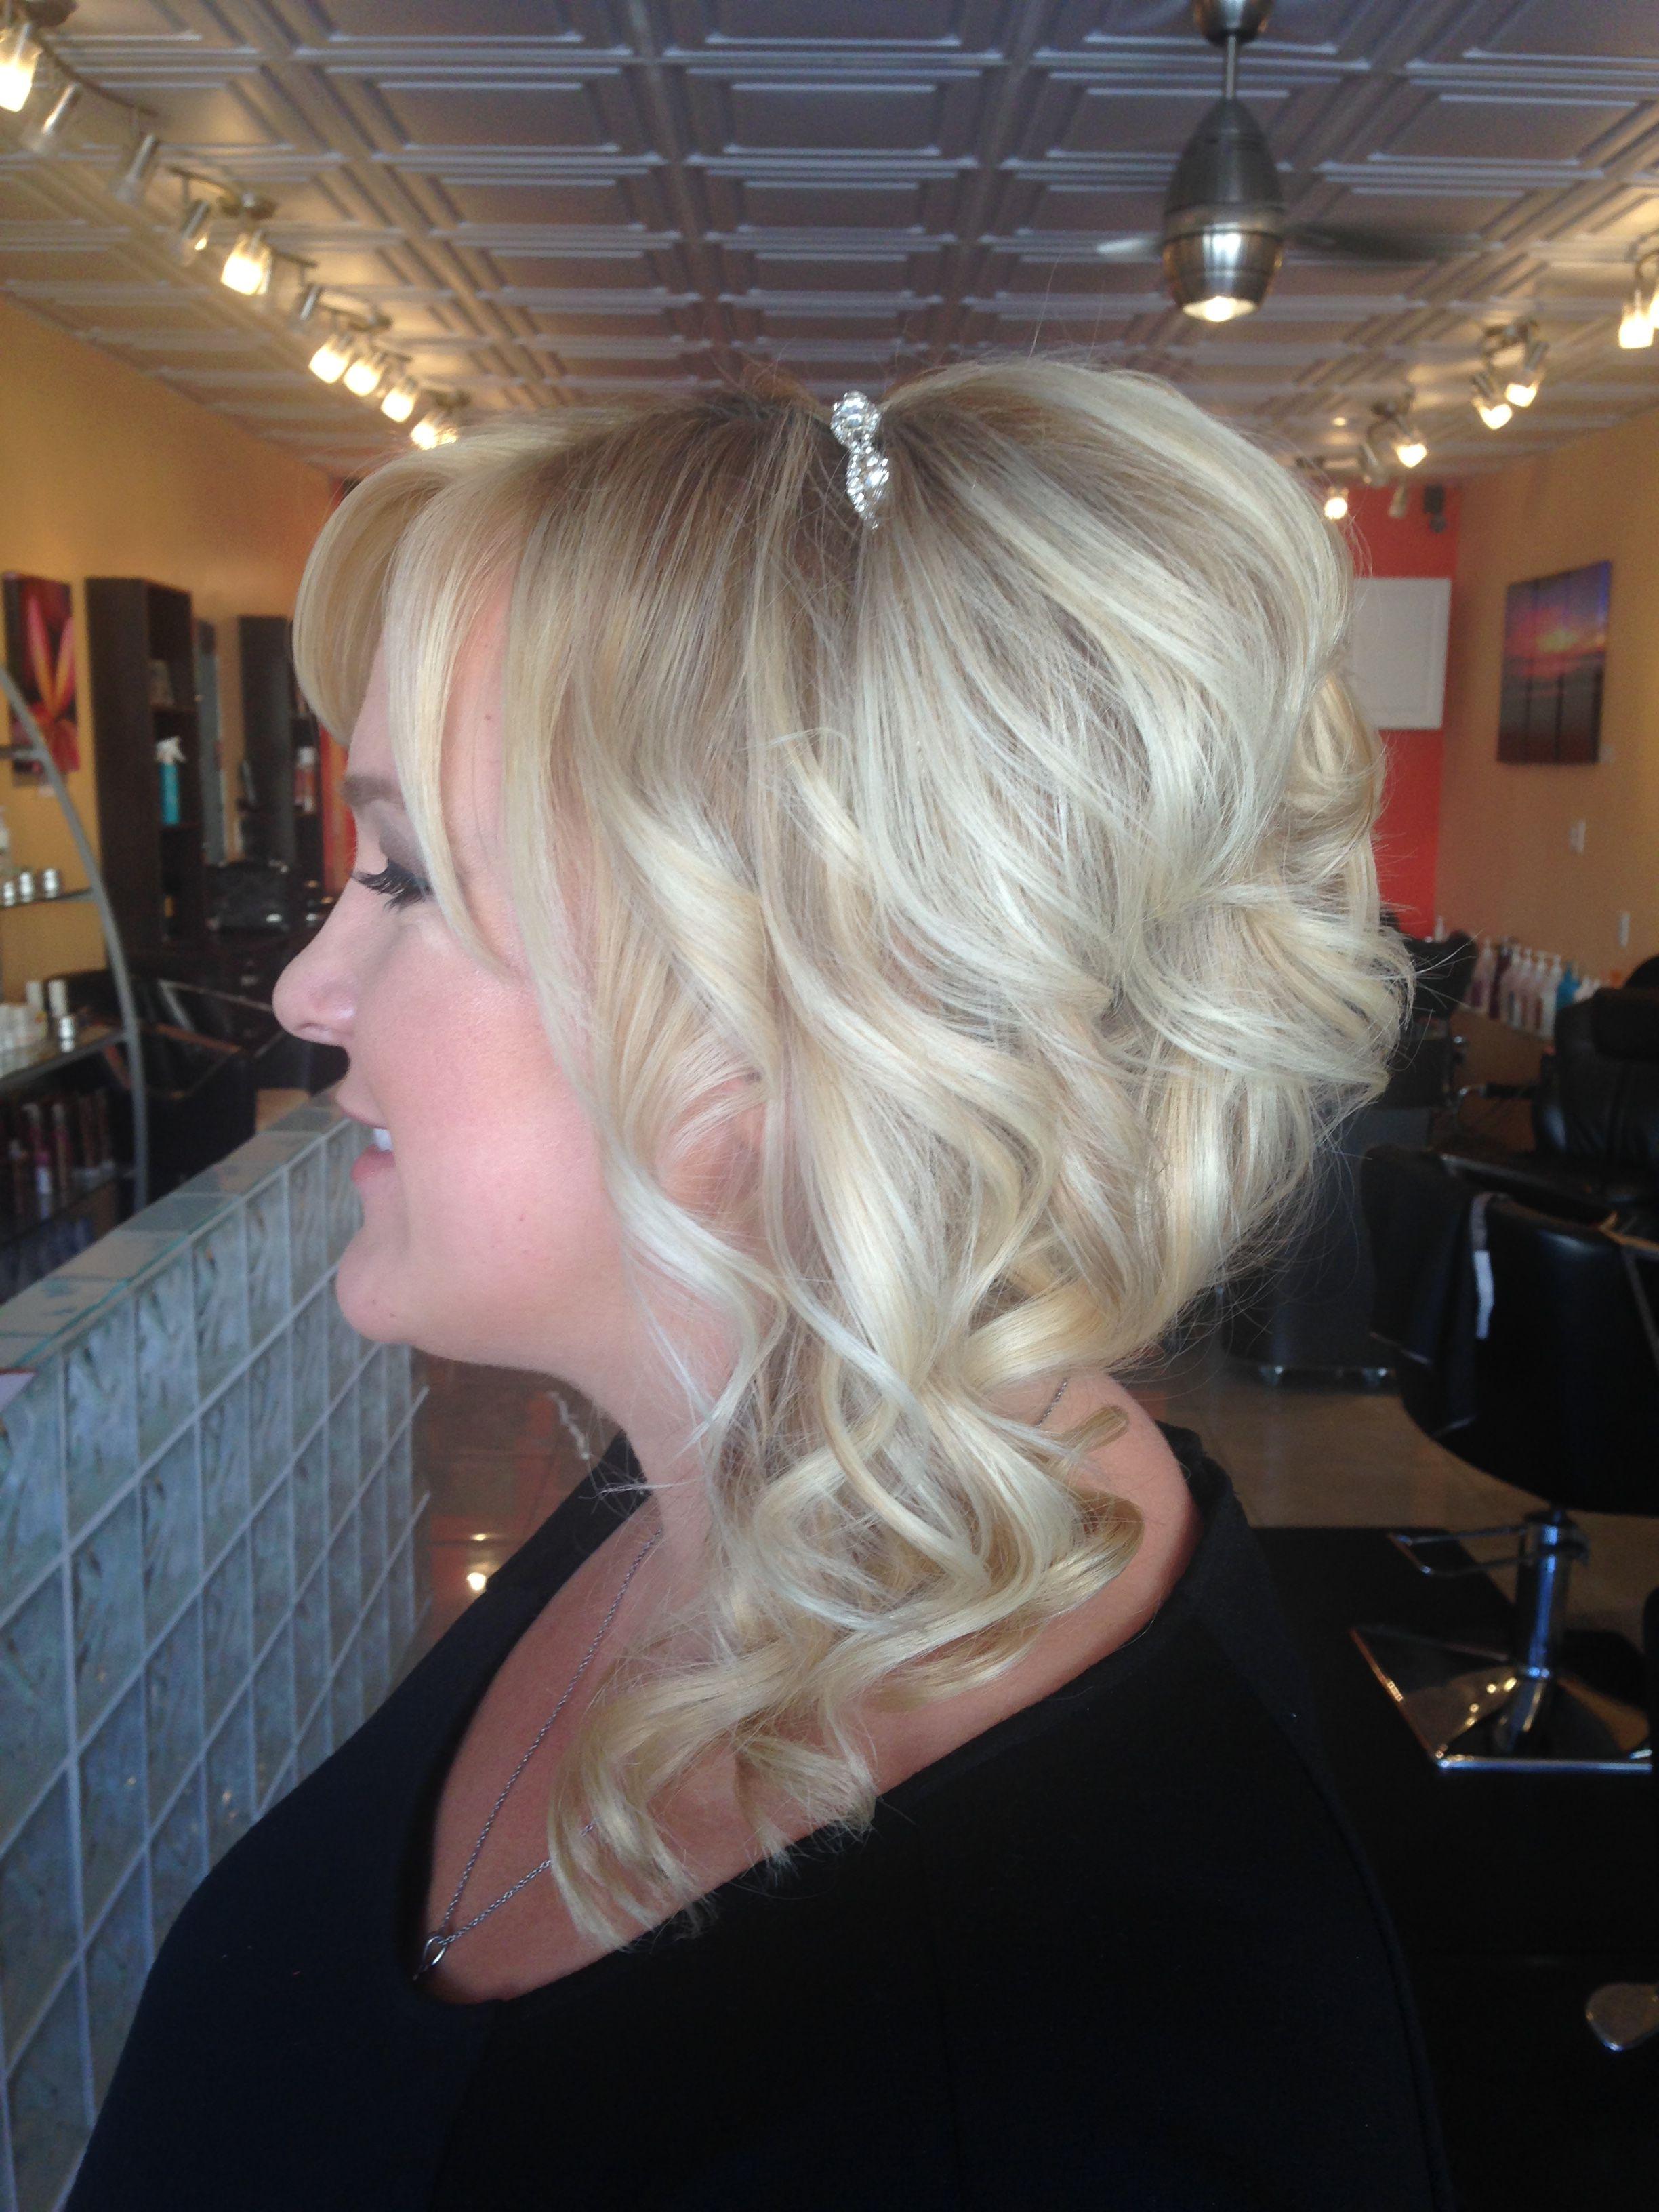 Military Ball Hair Beauty 101 Salon Oceanside Natural Hair Salons Military Ball Hair Ball Hairstyles